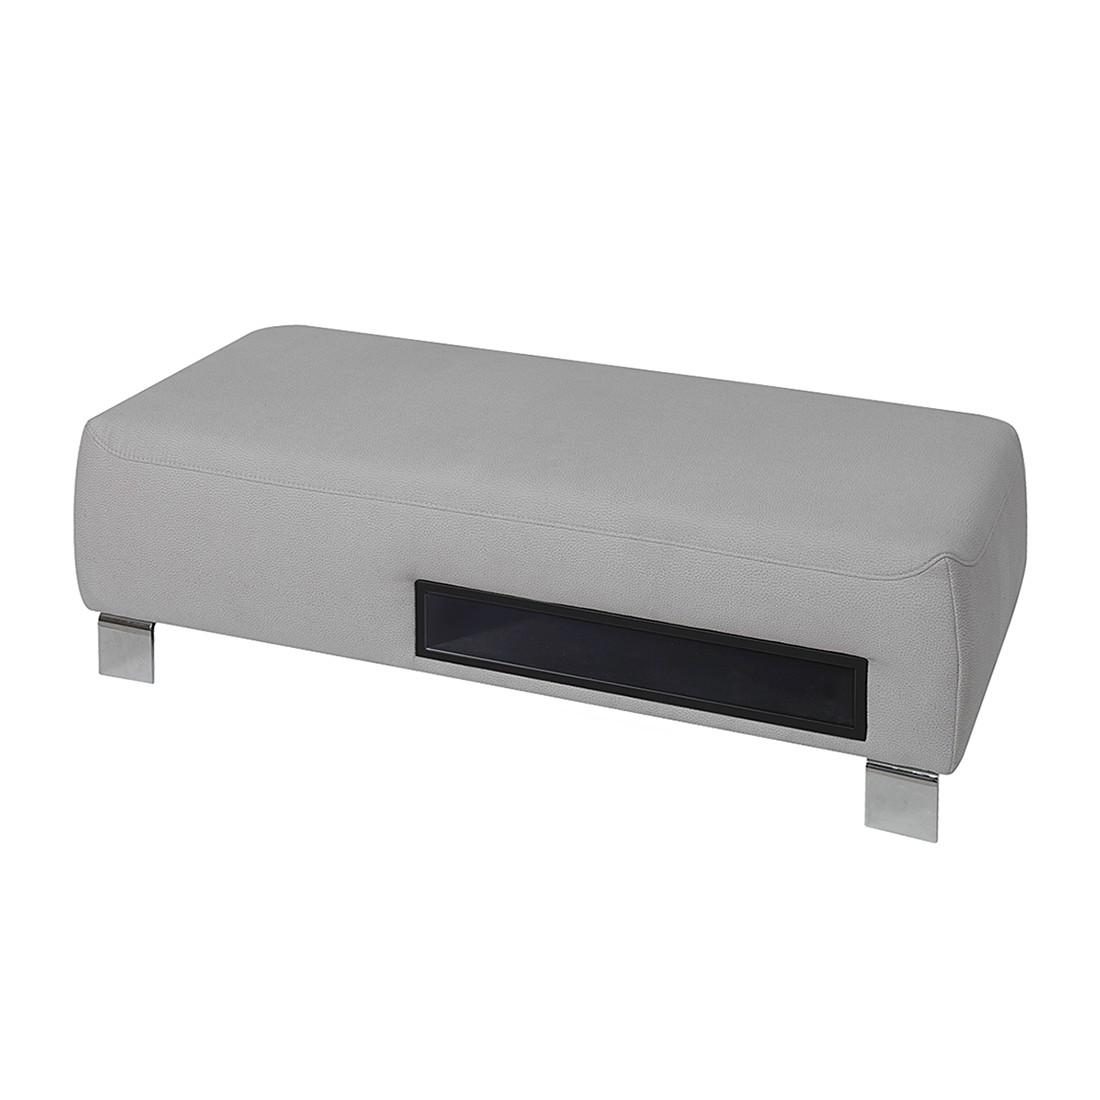 Hocker Radena – Microfaser Silber, trendline by ADA günstig online kaufen